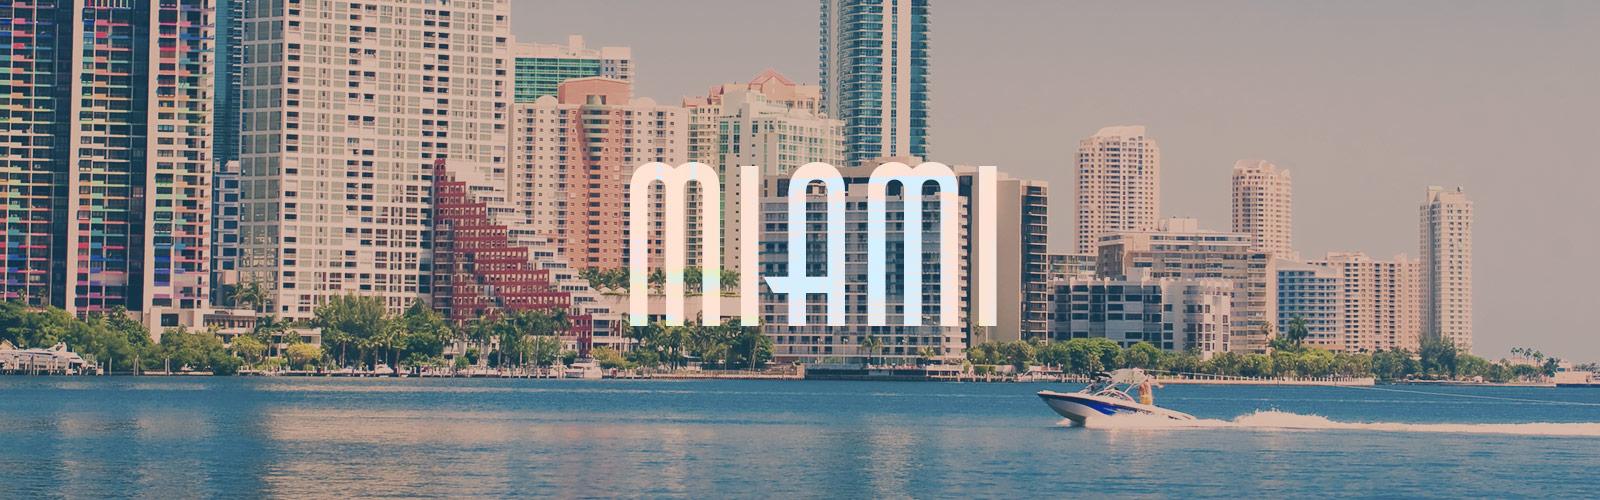 Andare a vivere a Miami